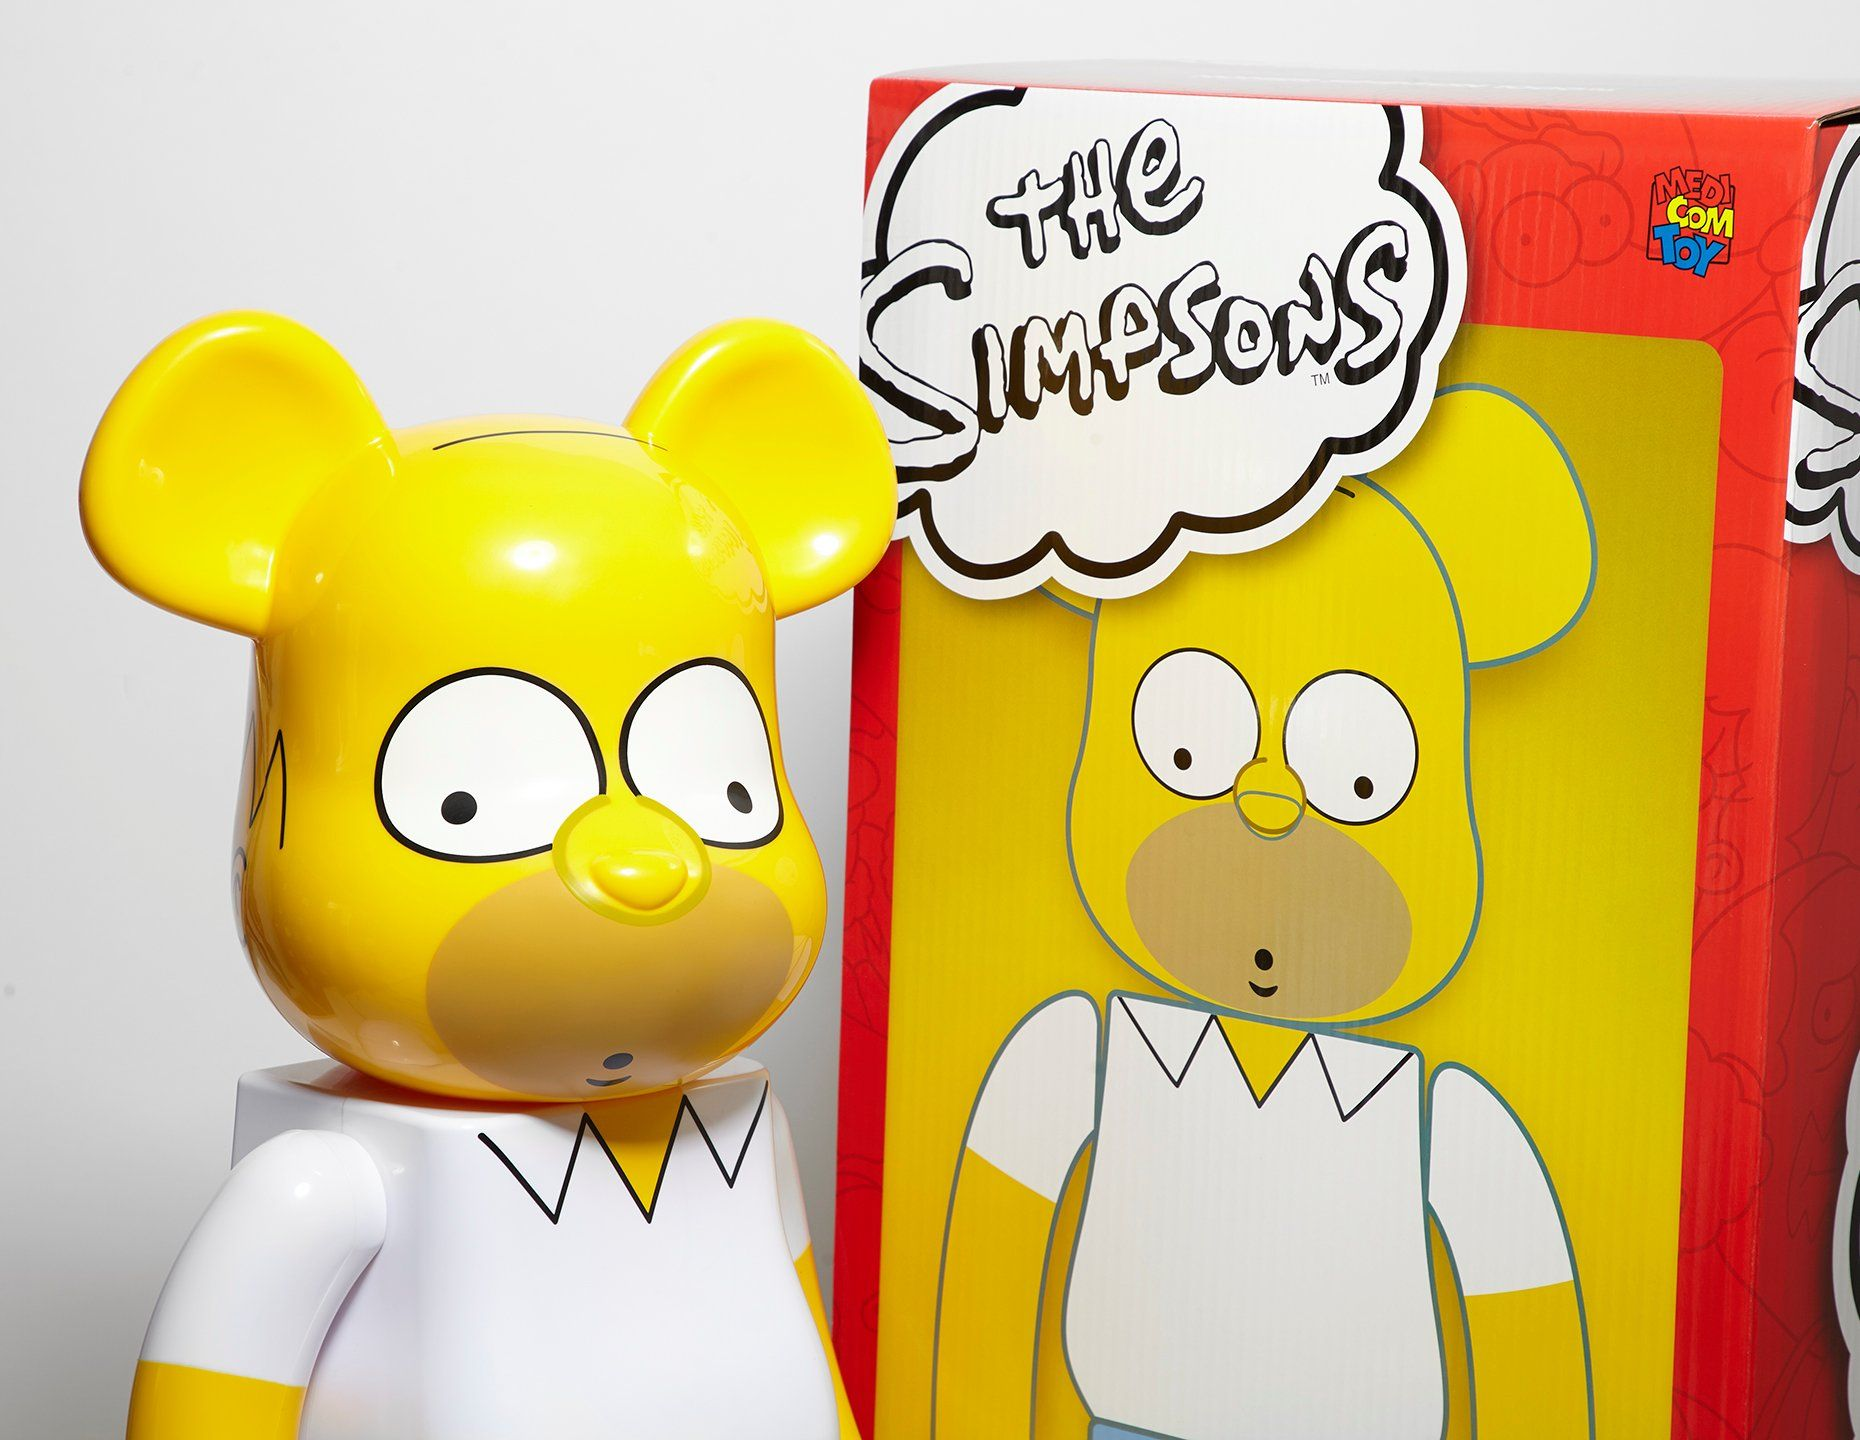 Medicom Homer Simpson Be@brick 1000%